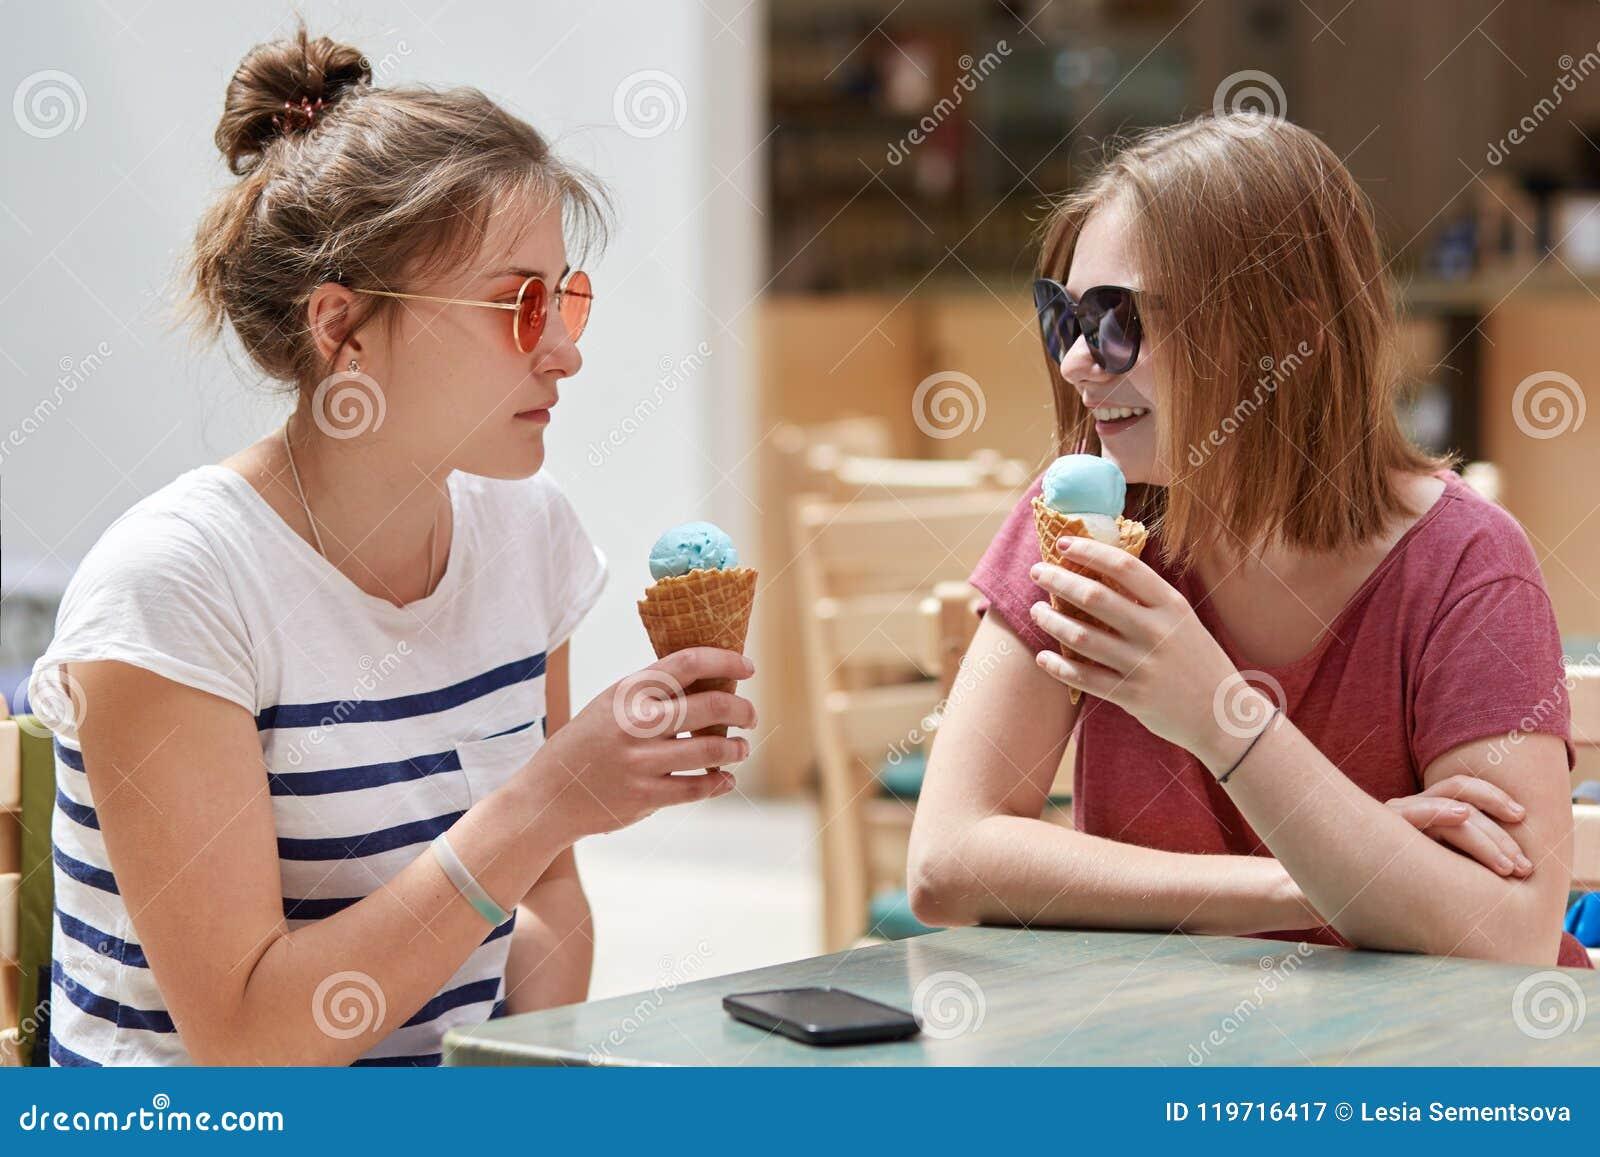 ba0f0eee4ffae A Foto De Modelos Fêmeas Novos Bonitos Veste óculos De Sol